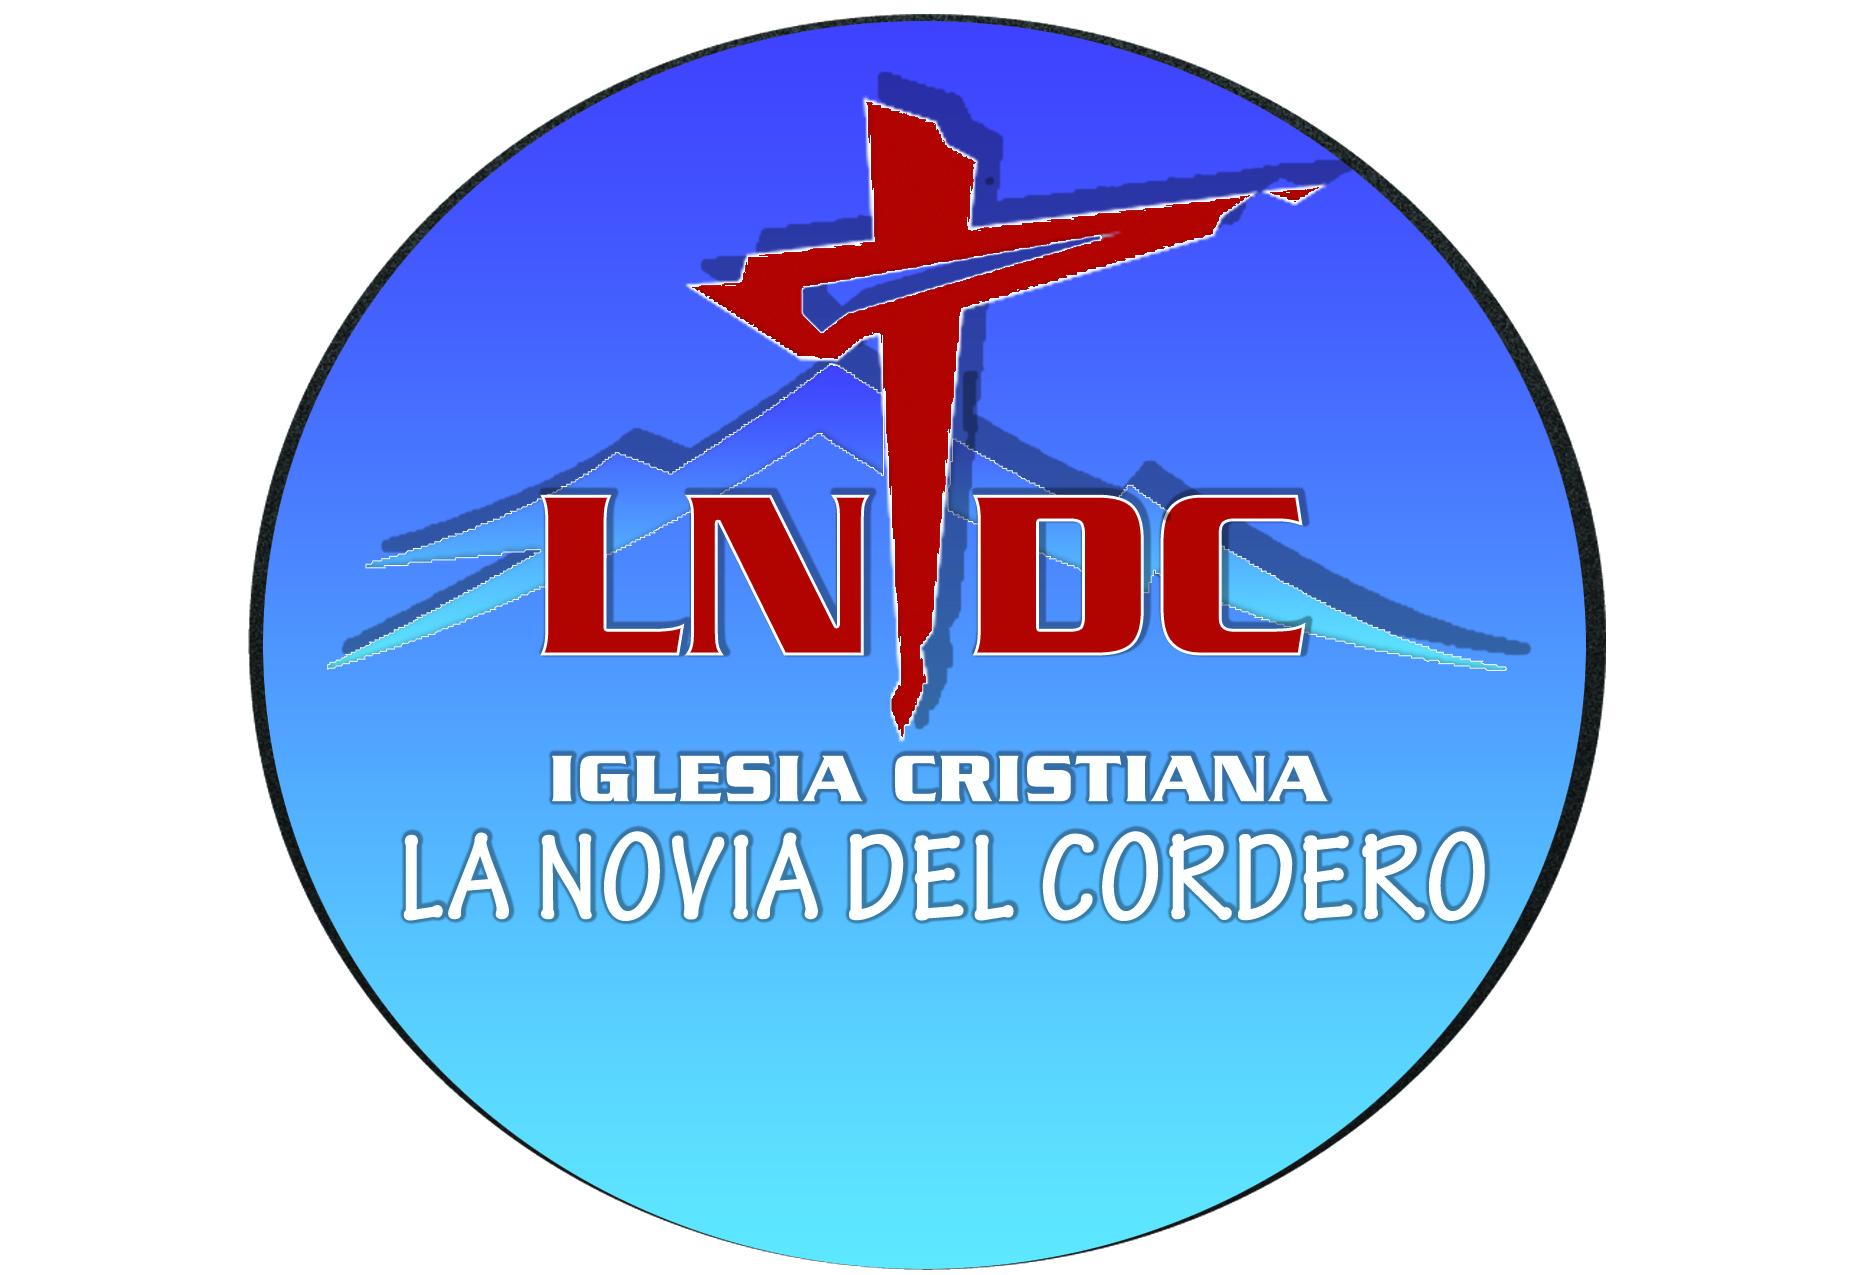 Iglesia Cristiana La Novia Del Cordero